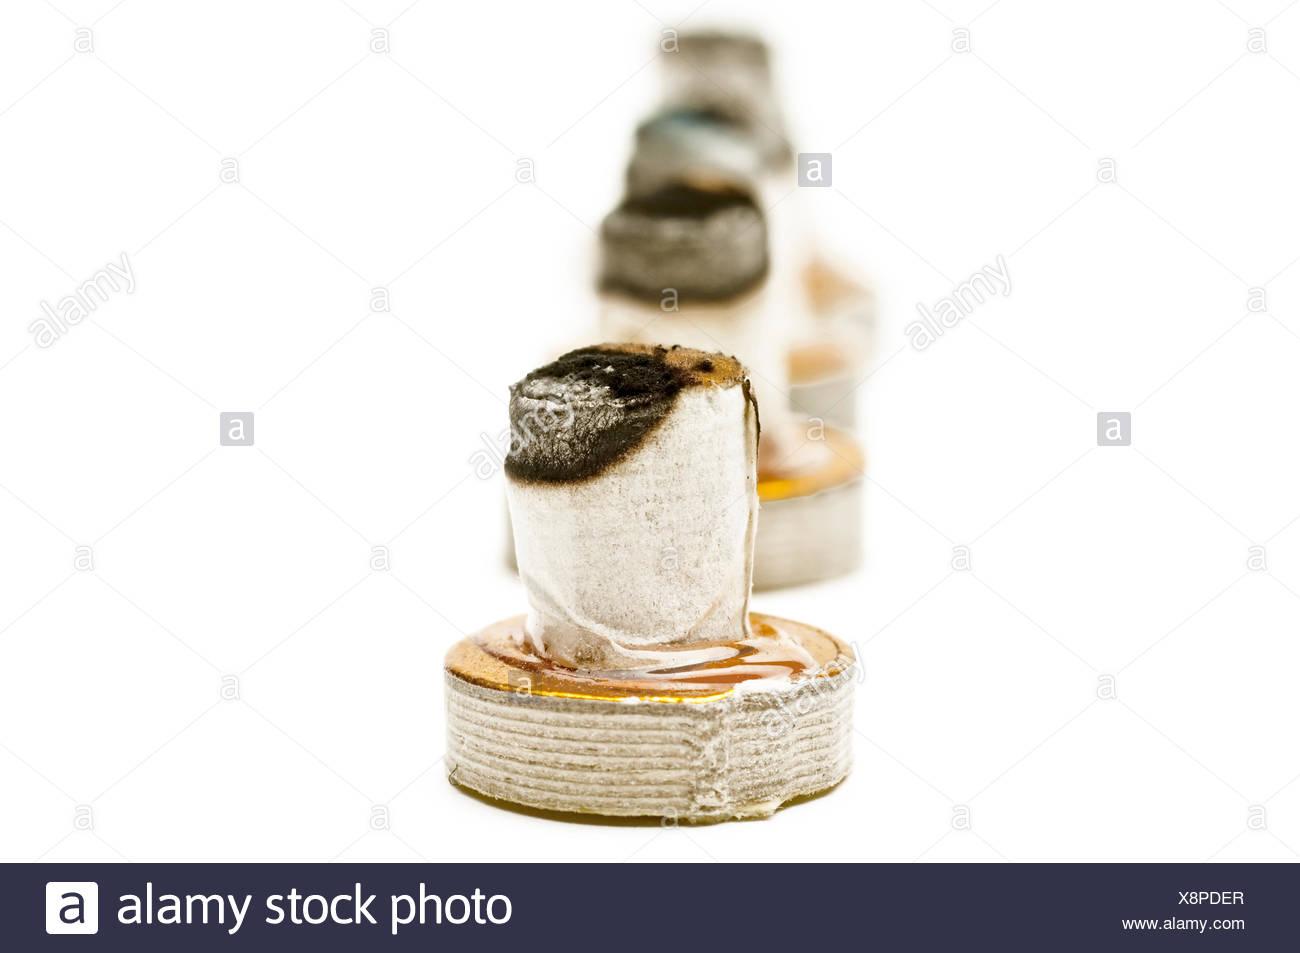 moxibustion - Stock Image